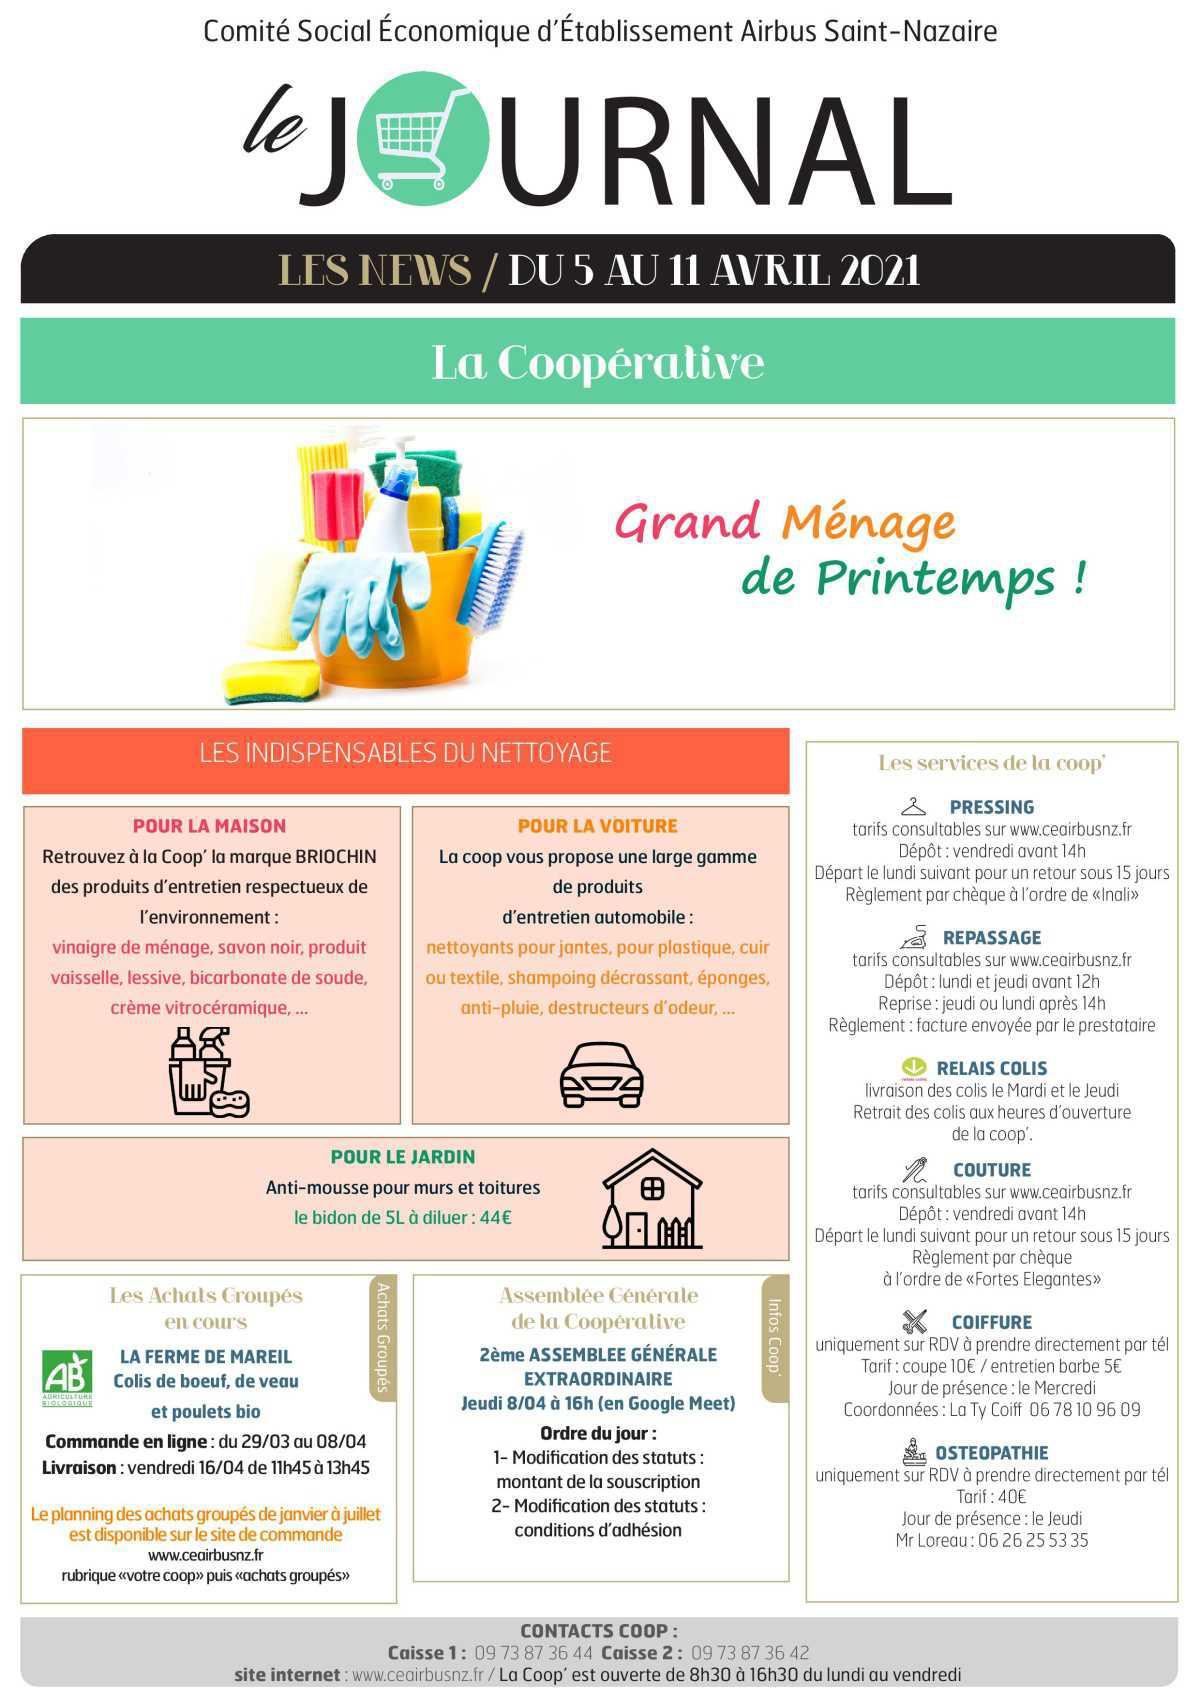 Informations du CSE et de la coopérative semaine 14